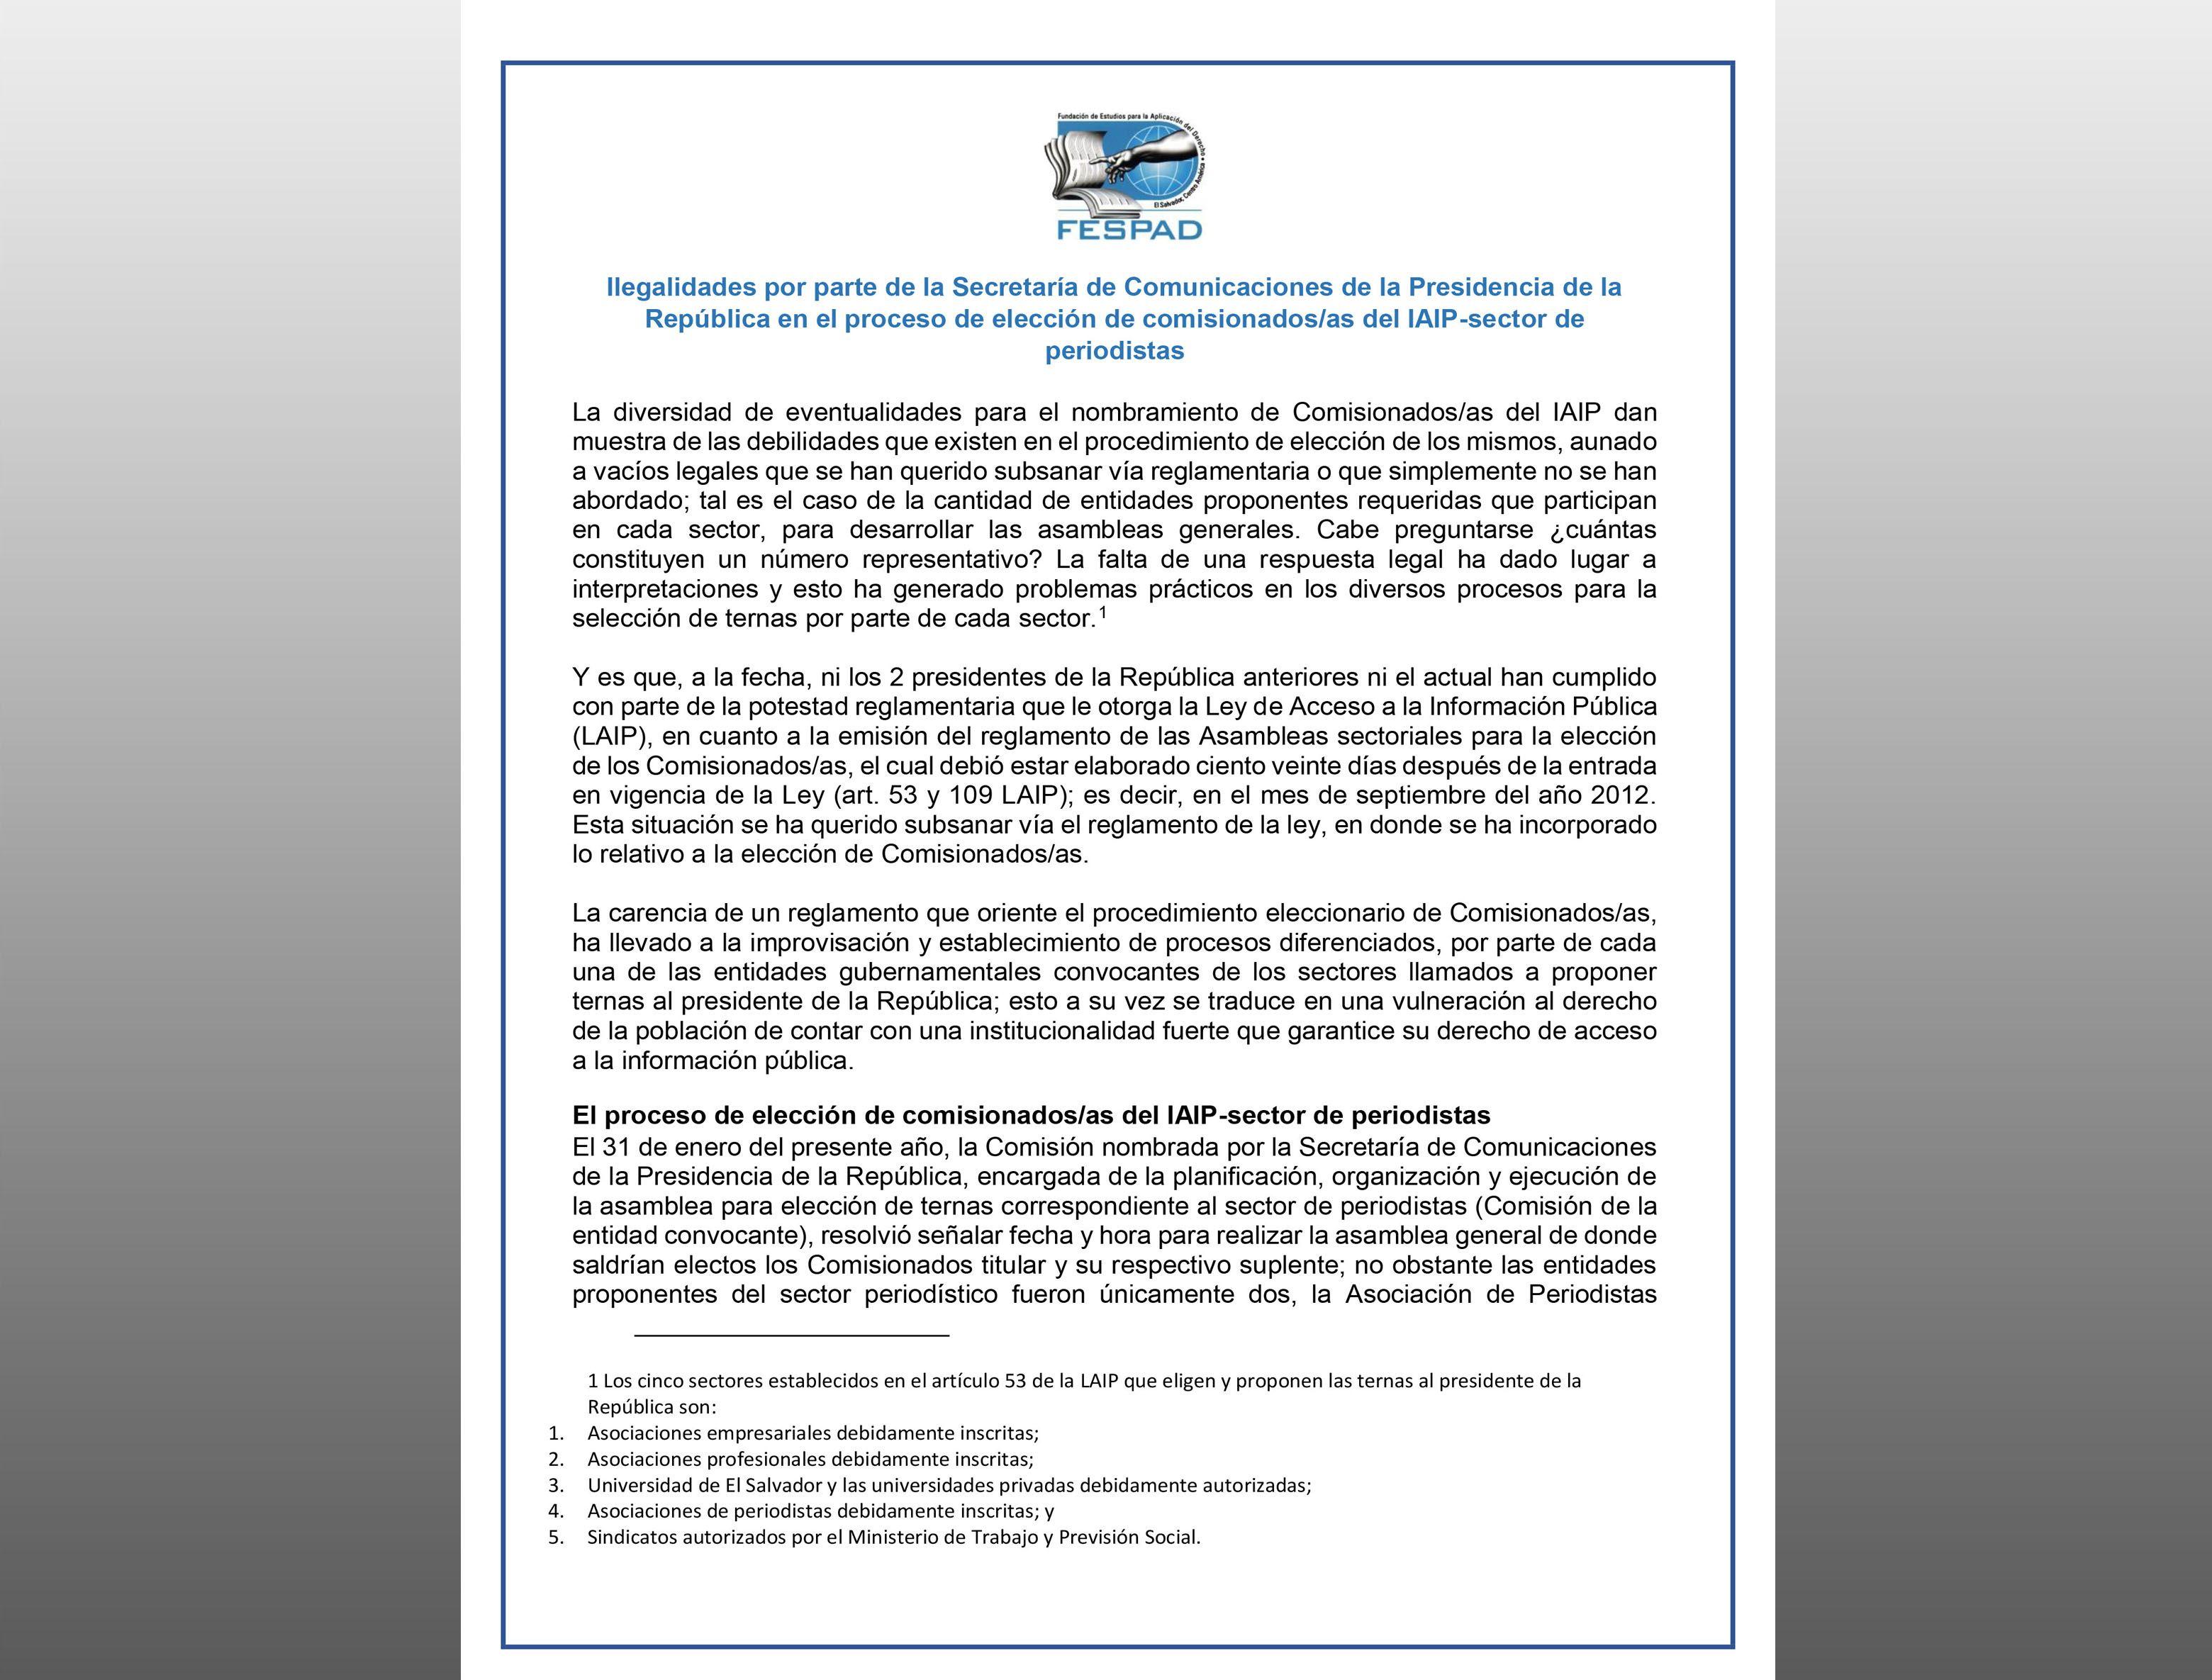 COMUNICADO: Ilegalidades en elección de comisionados/as del IAIP